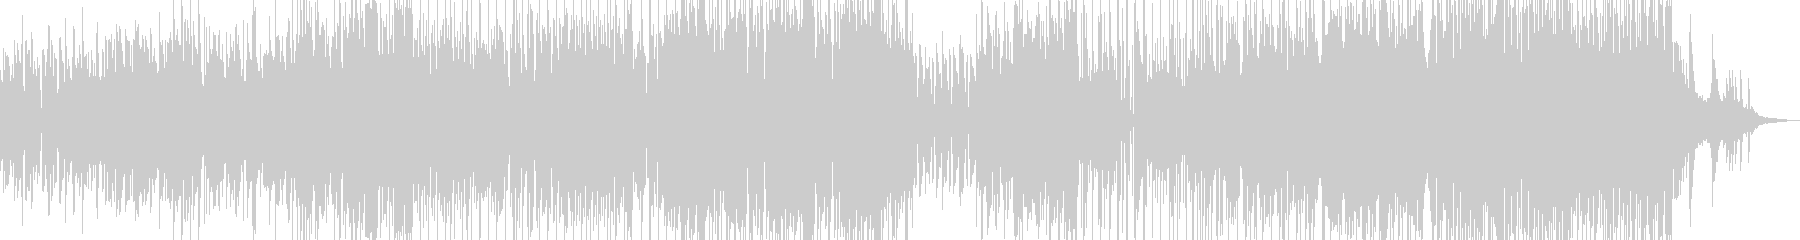 アコーディオンと木管・可憐なジャズ 軽快の未再生の波形